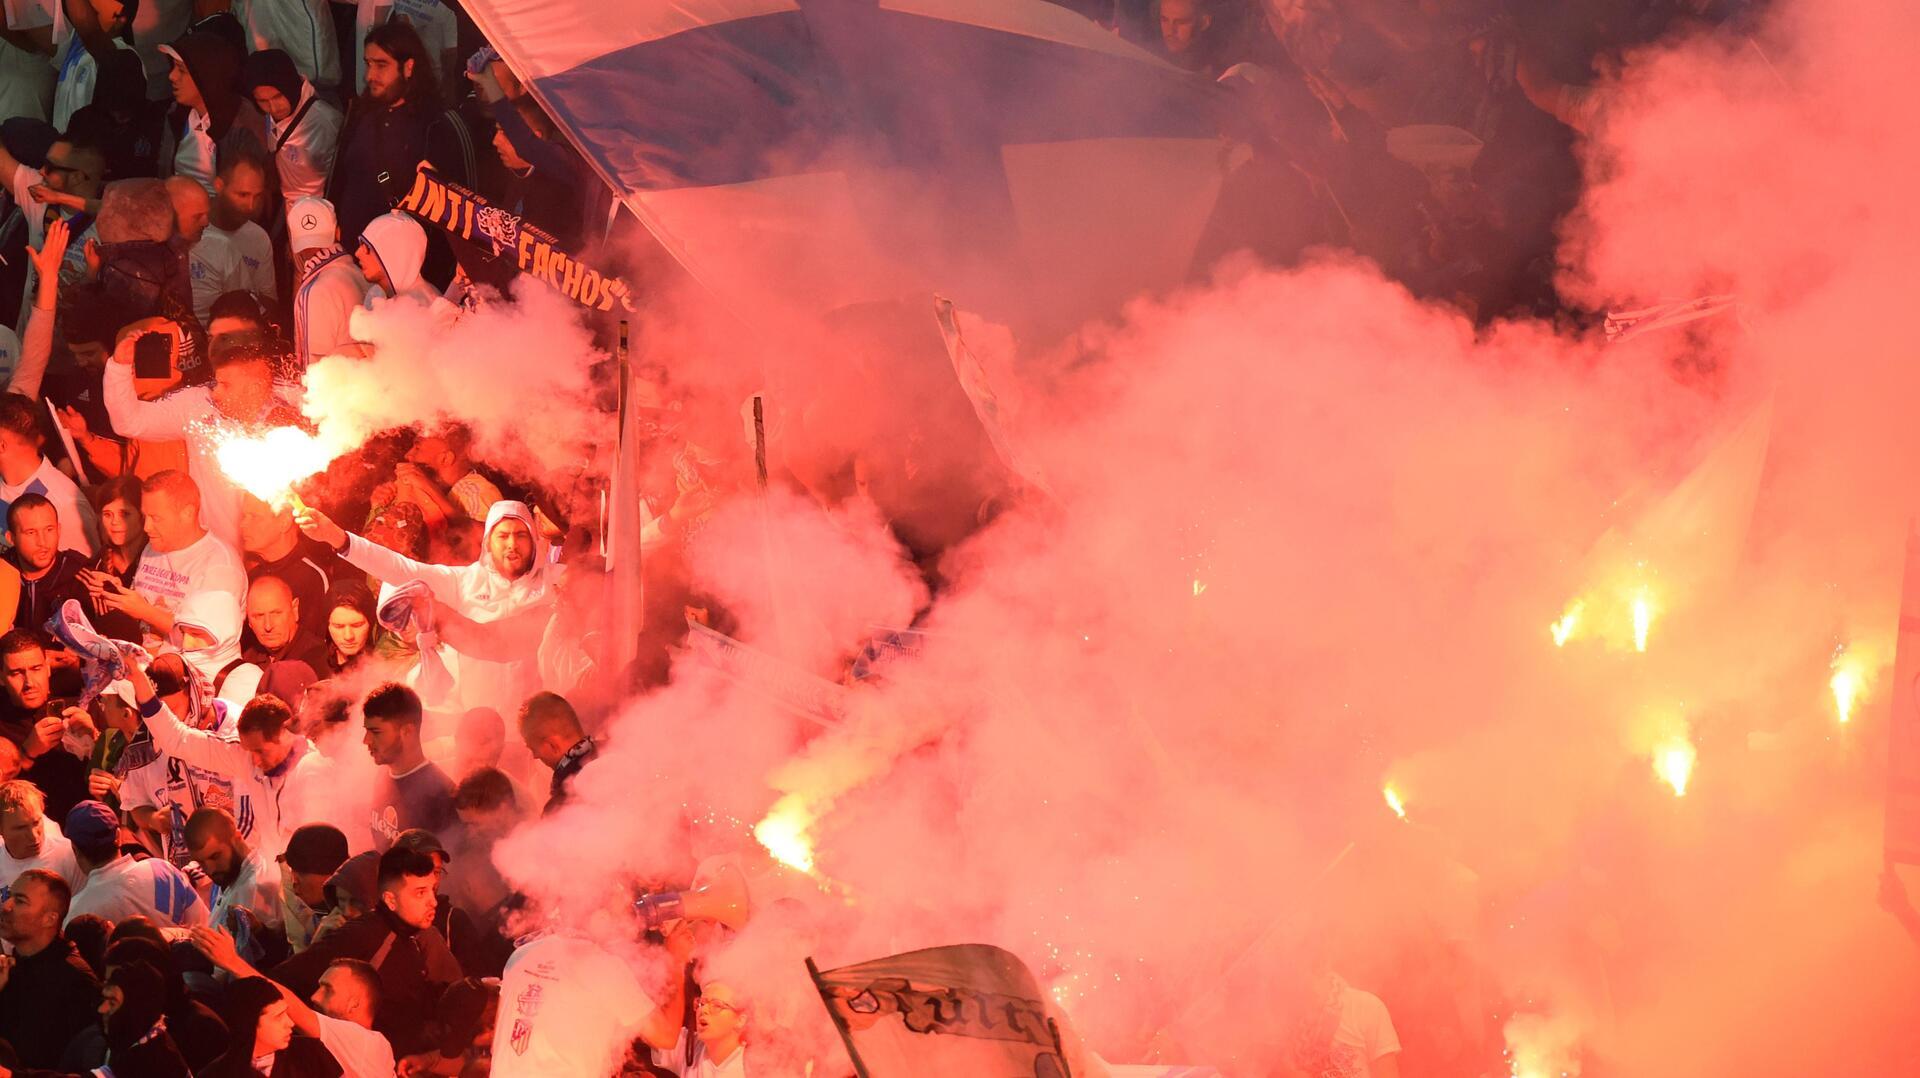 بعد الاعتداء على حافلة الضيوف.. مرسيليا ينتزع وصافة الدوري الفرنسي  (فيديو+ صور)